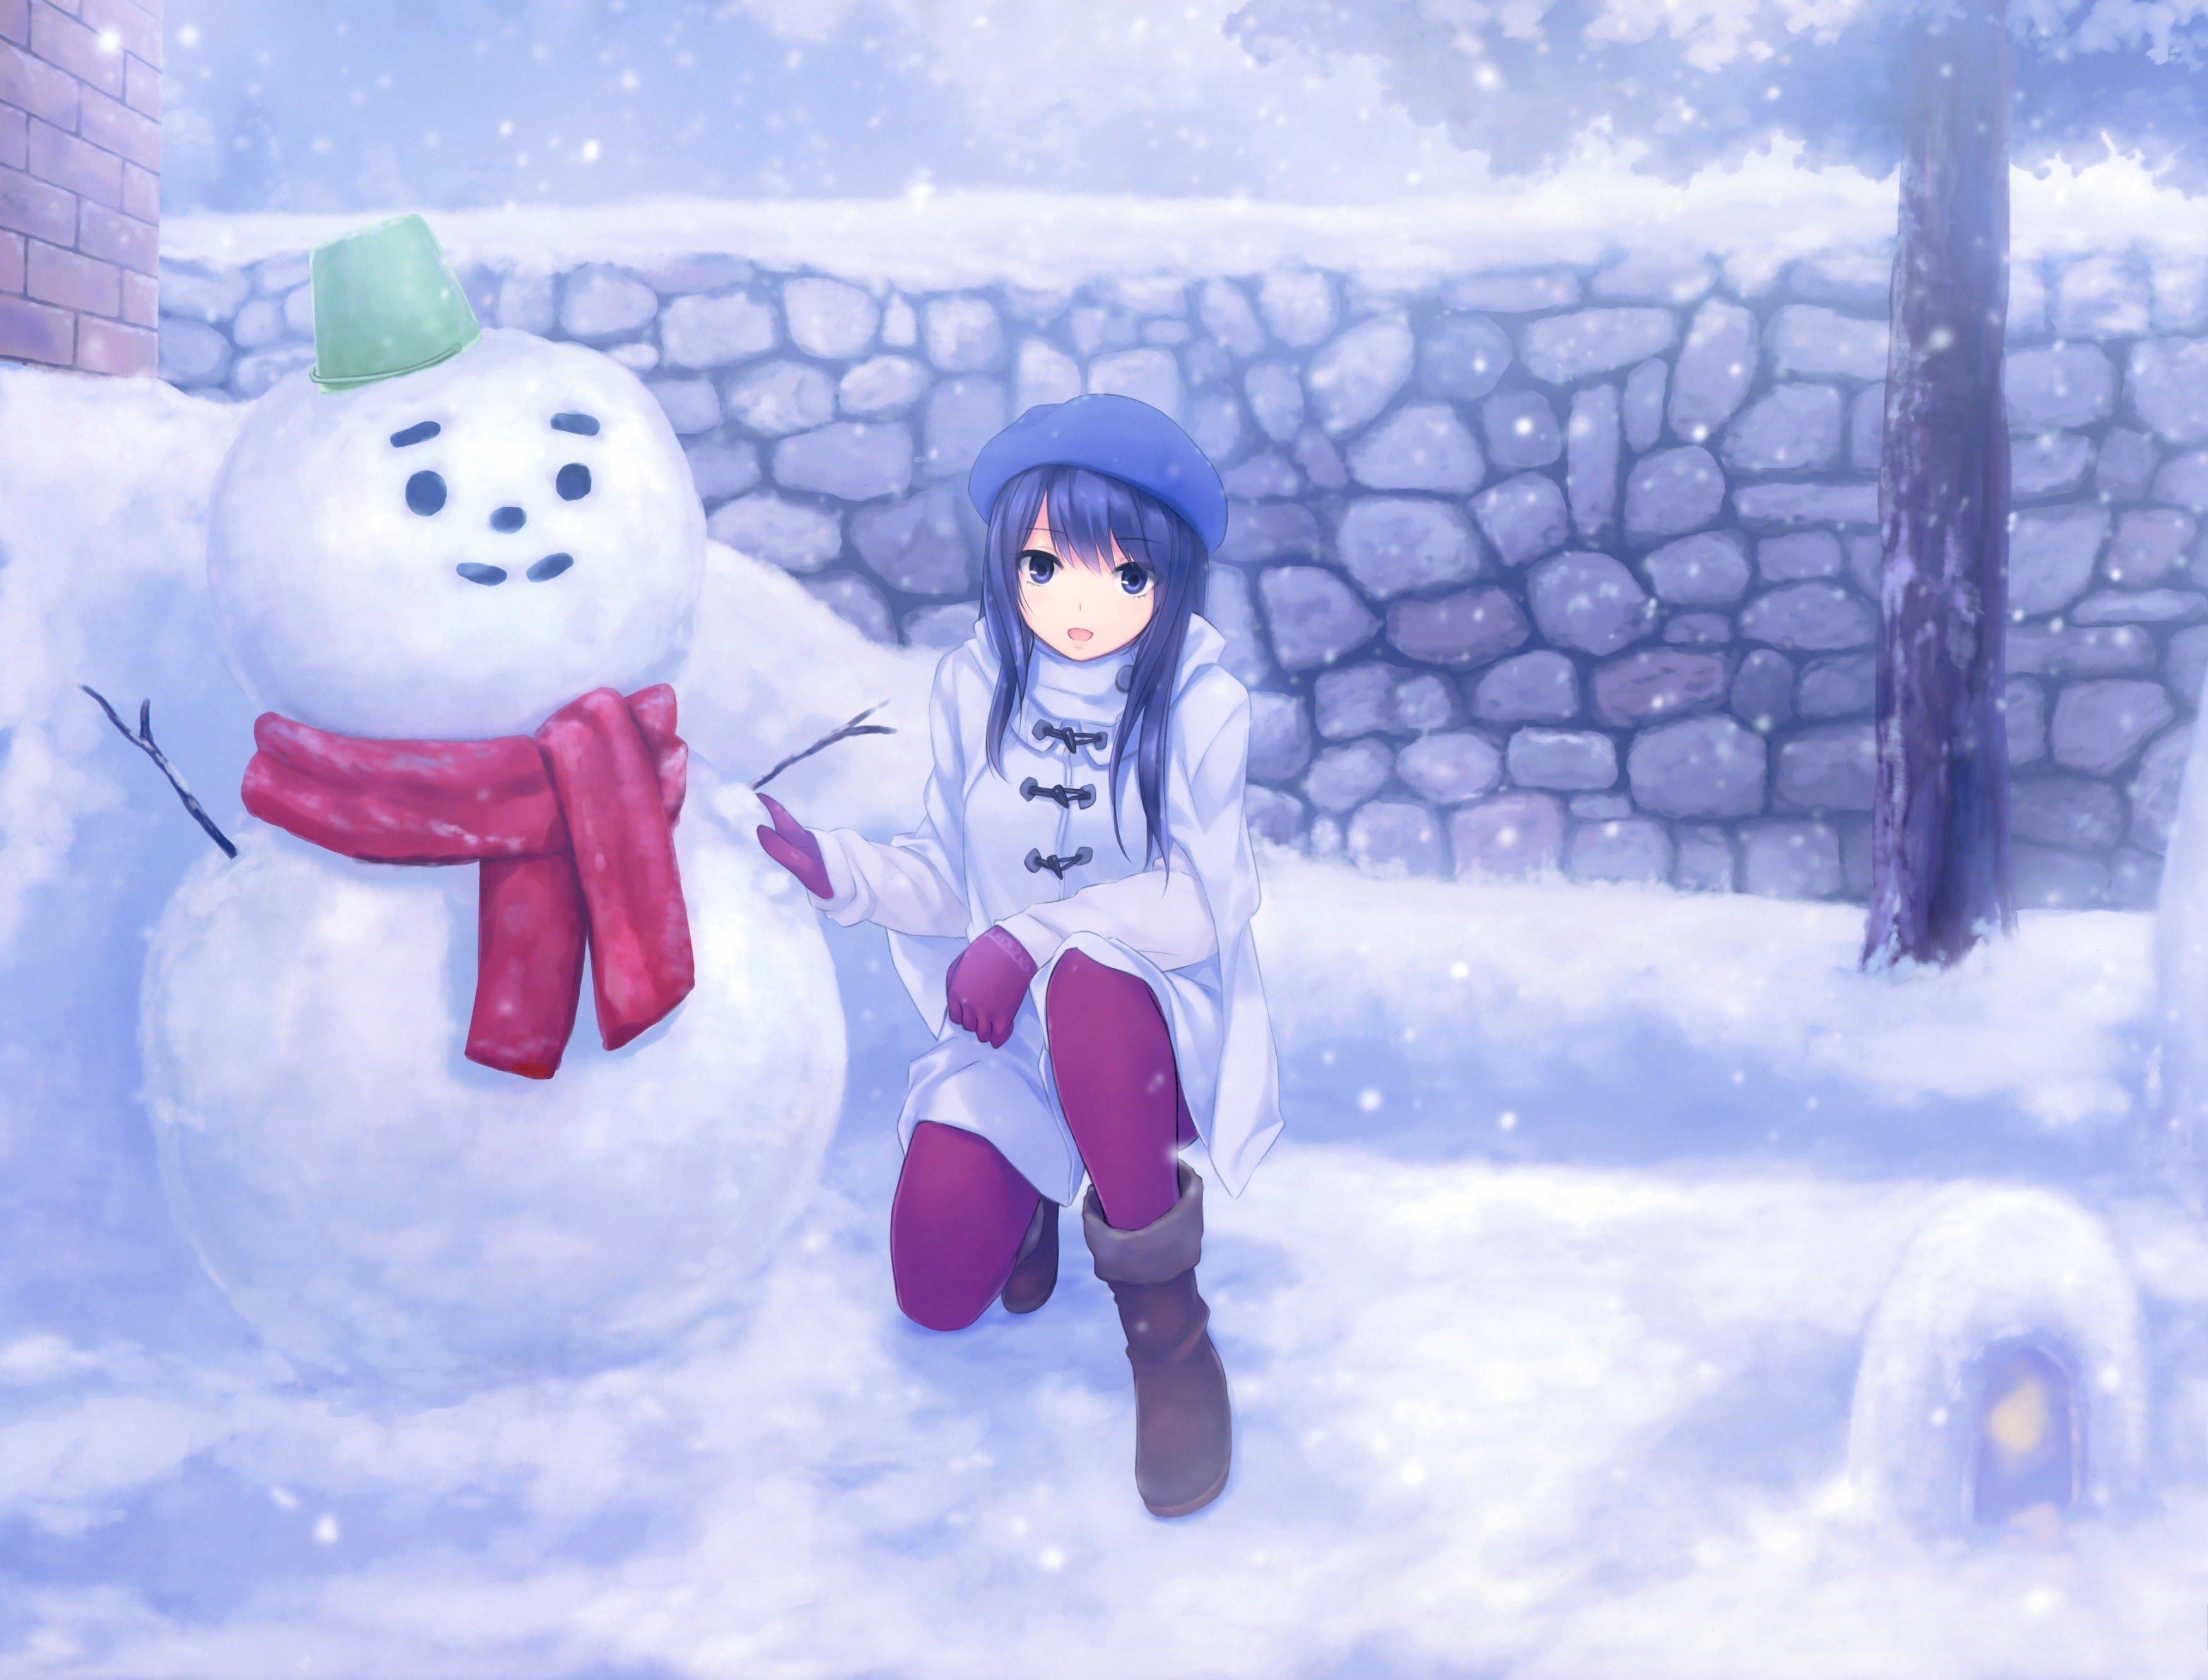 Winter anime snowman girl blue hair beauty wallpaper - Winter anime girl wallpaper ...